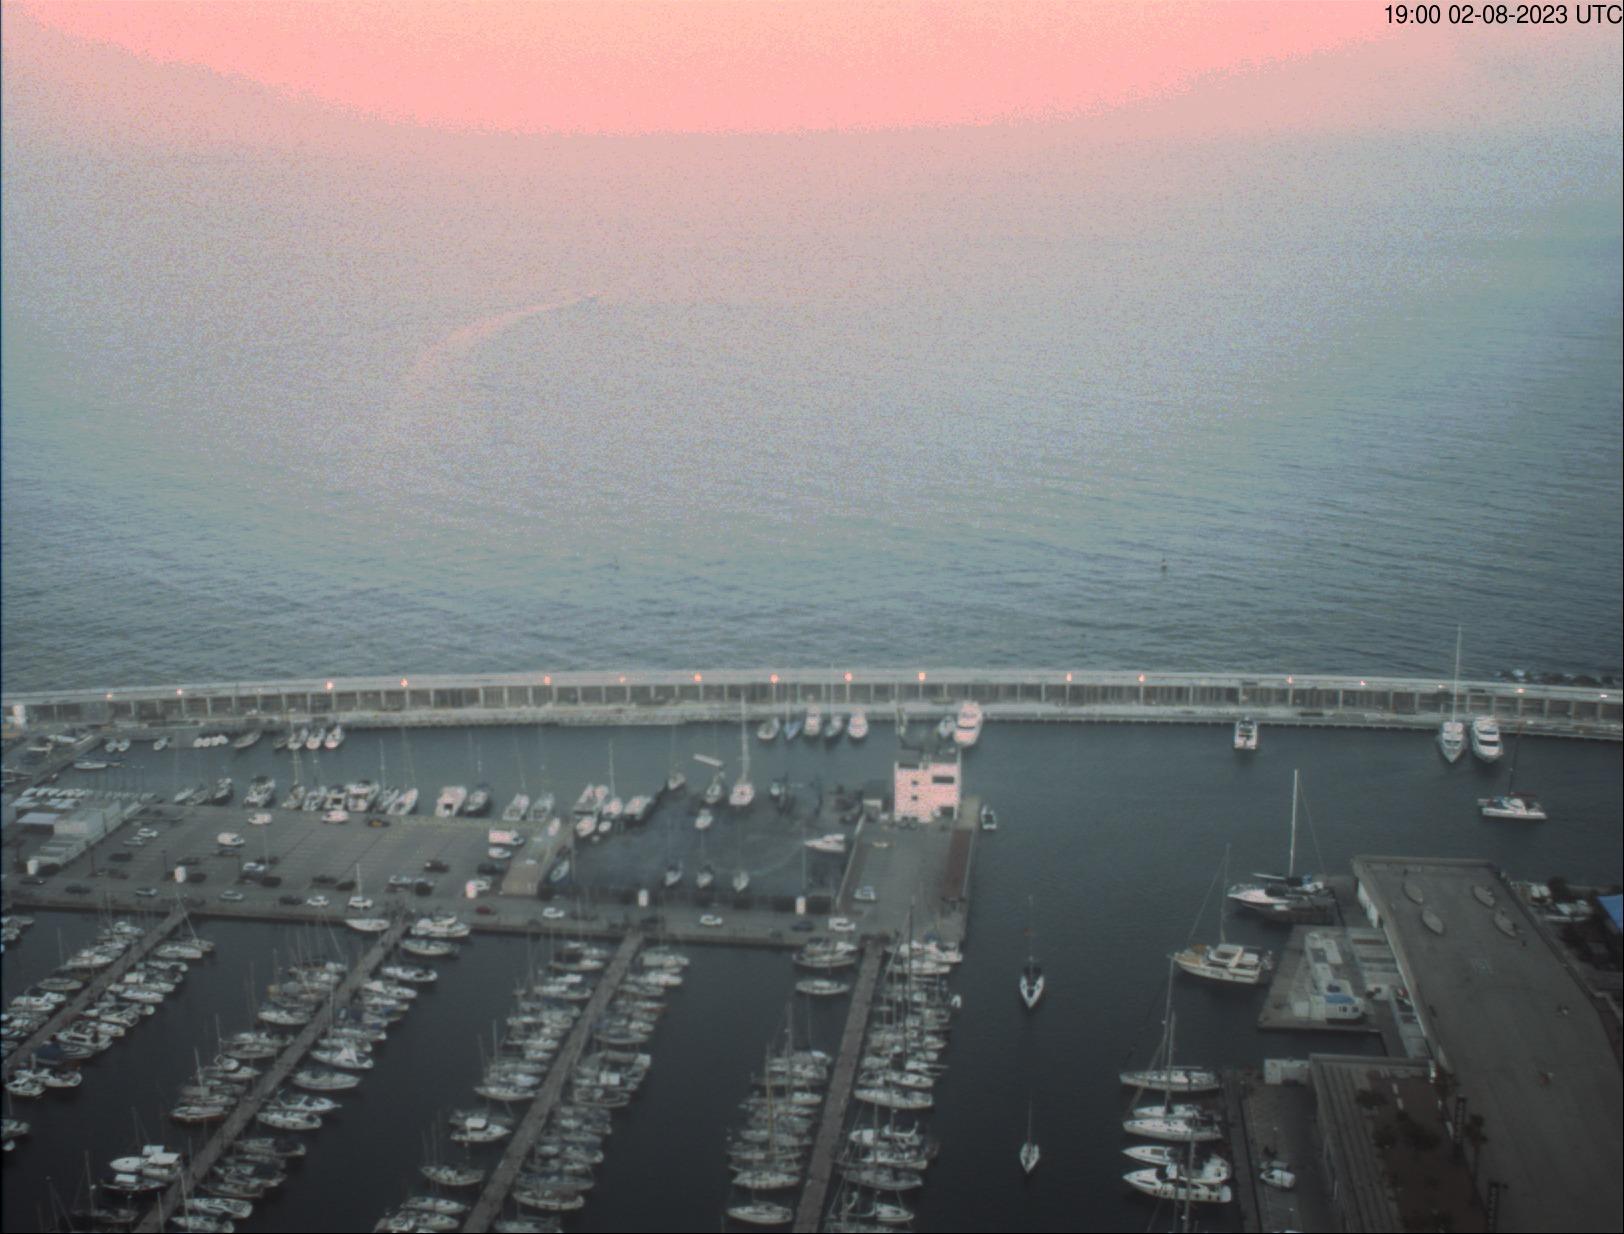 Port Olímpic – Webcam 2